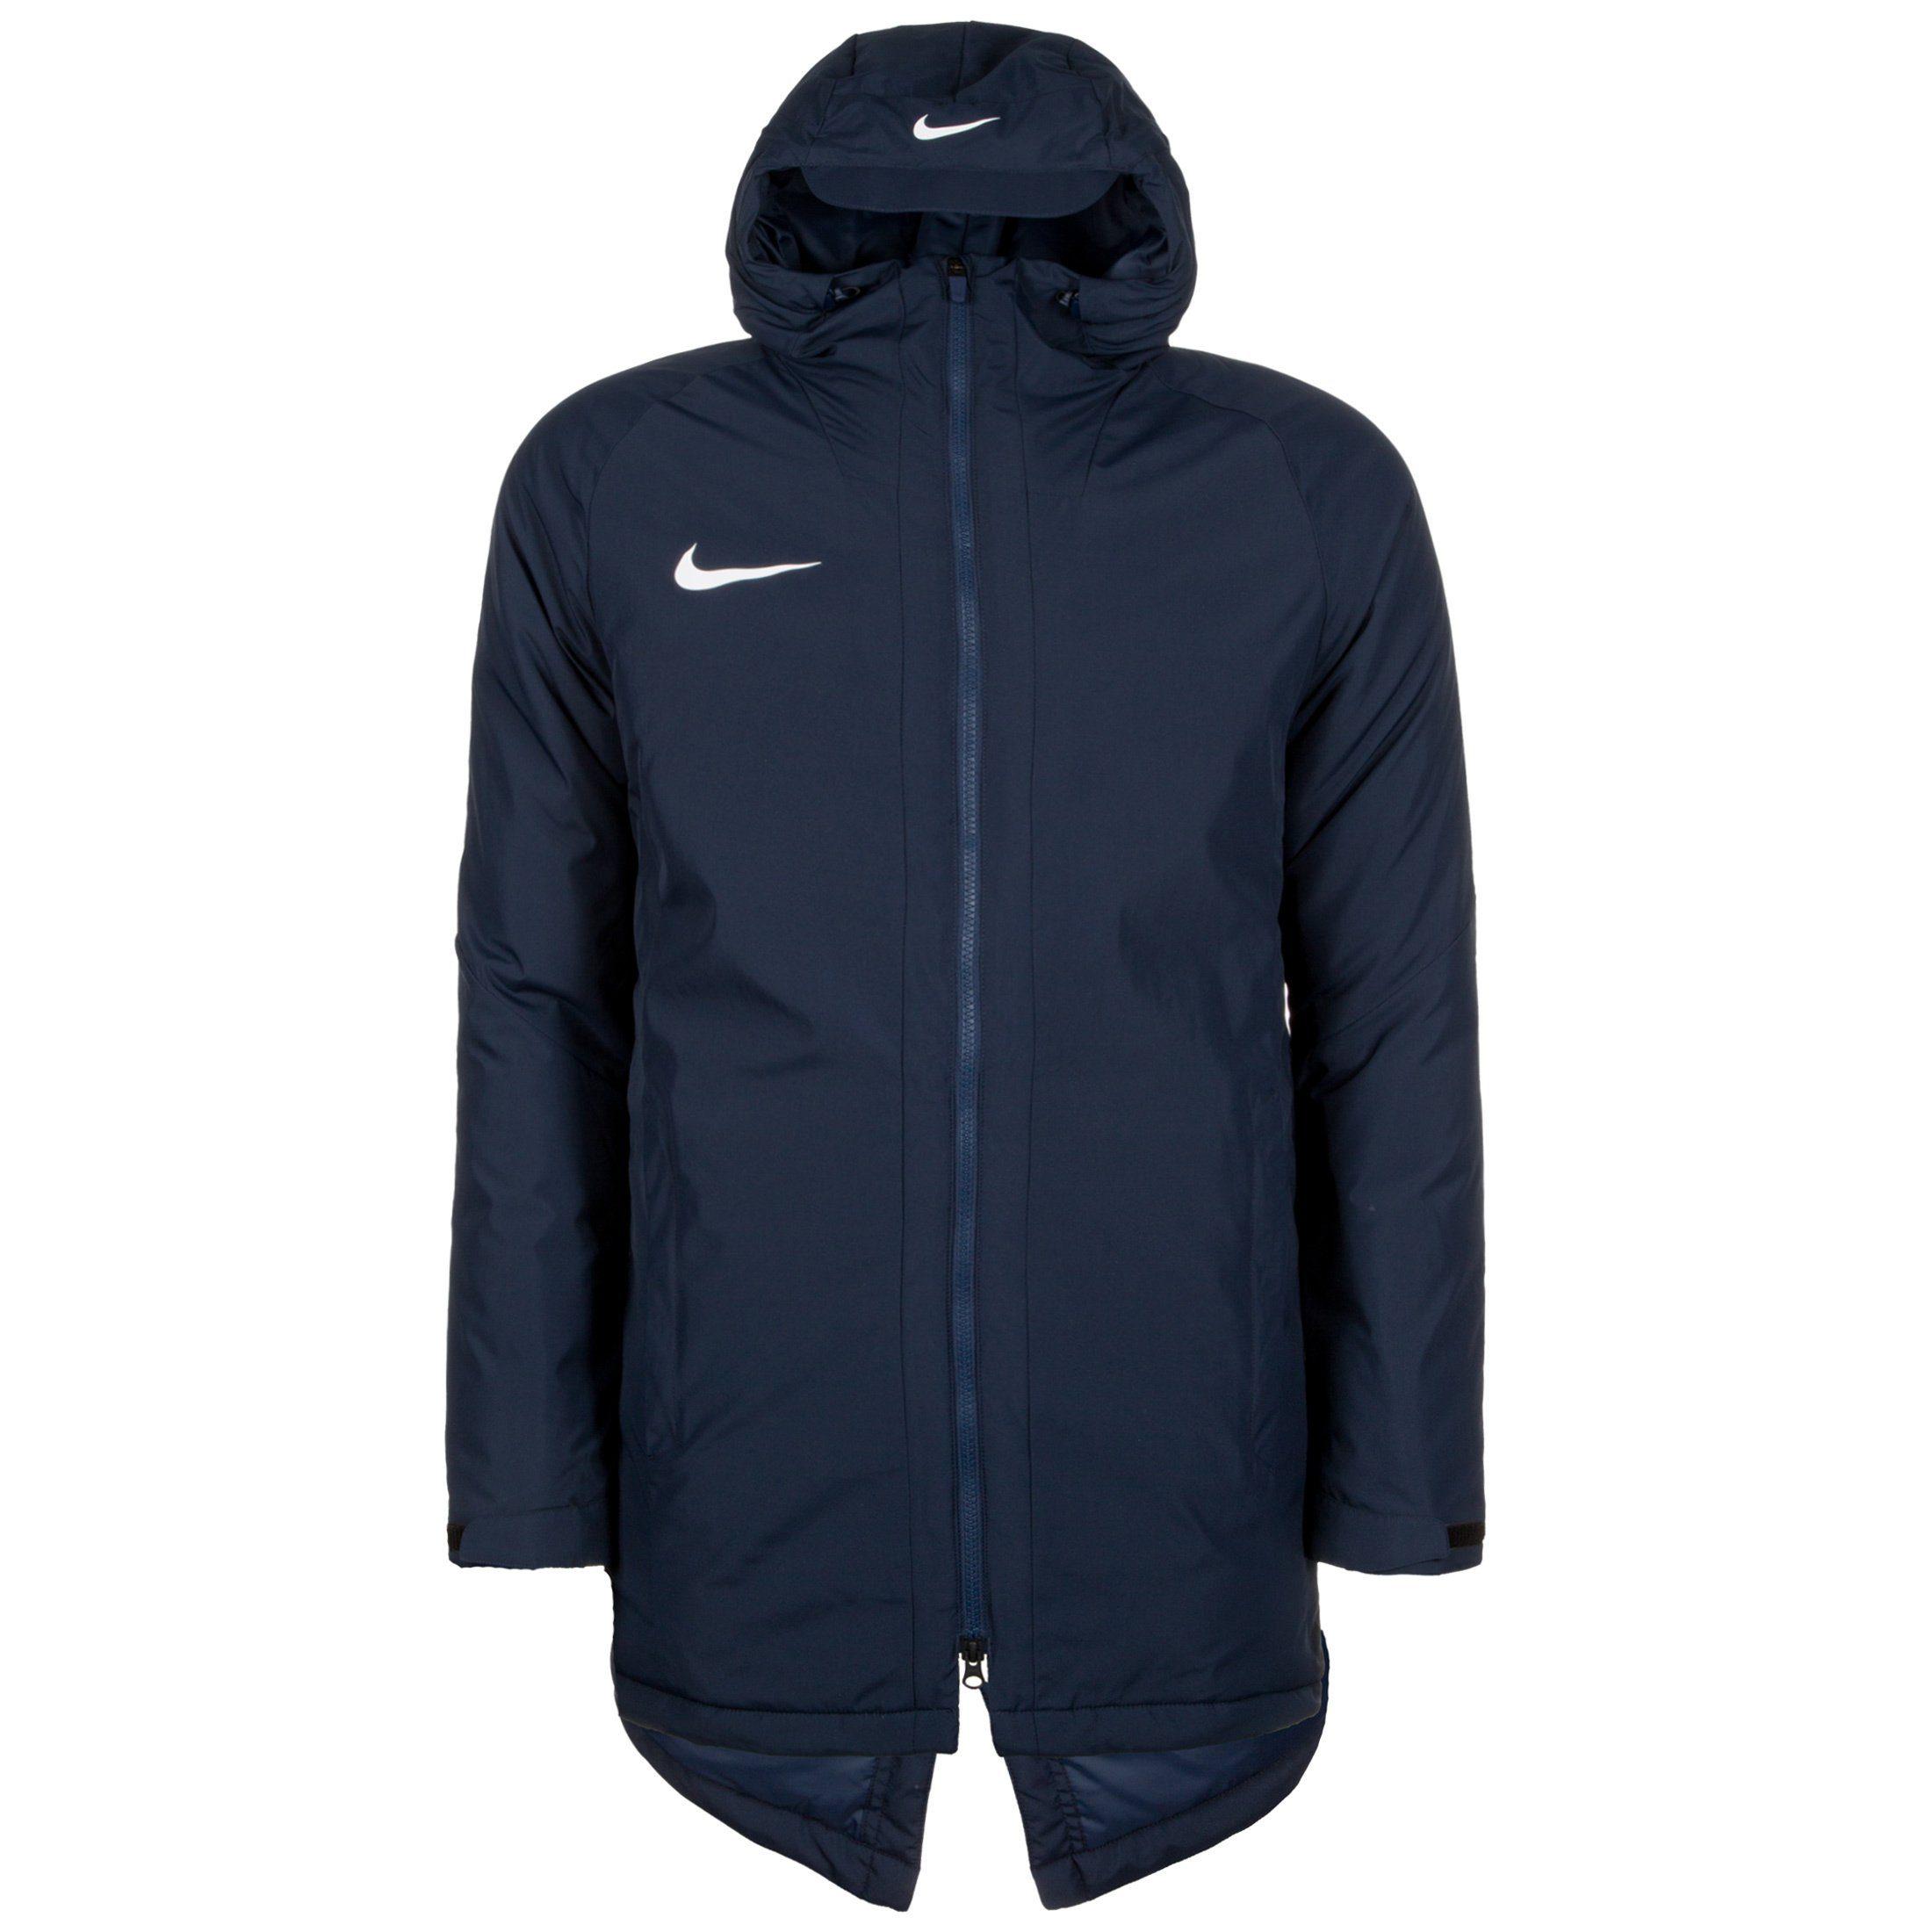 Nike Outdoorjacke Dry Academy 18 Sdf   Sportbekleidung > Sportjacken > Outdoorjacken   Nike